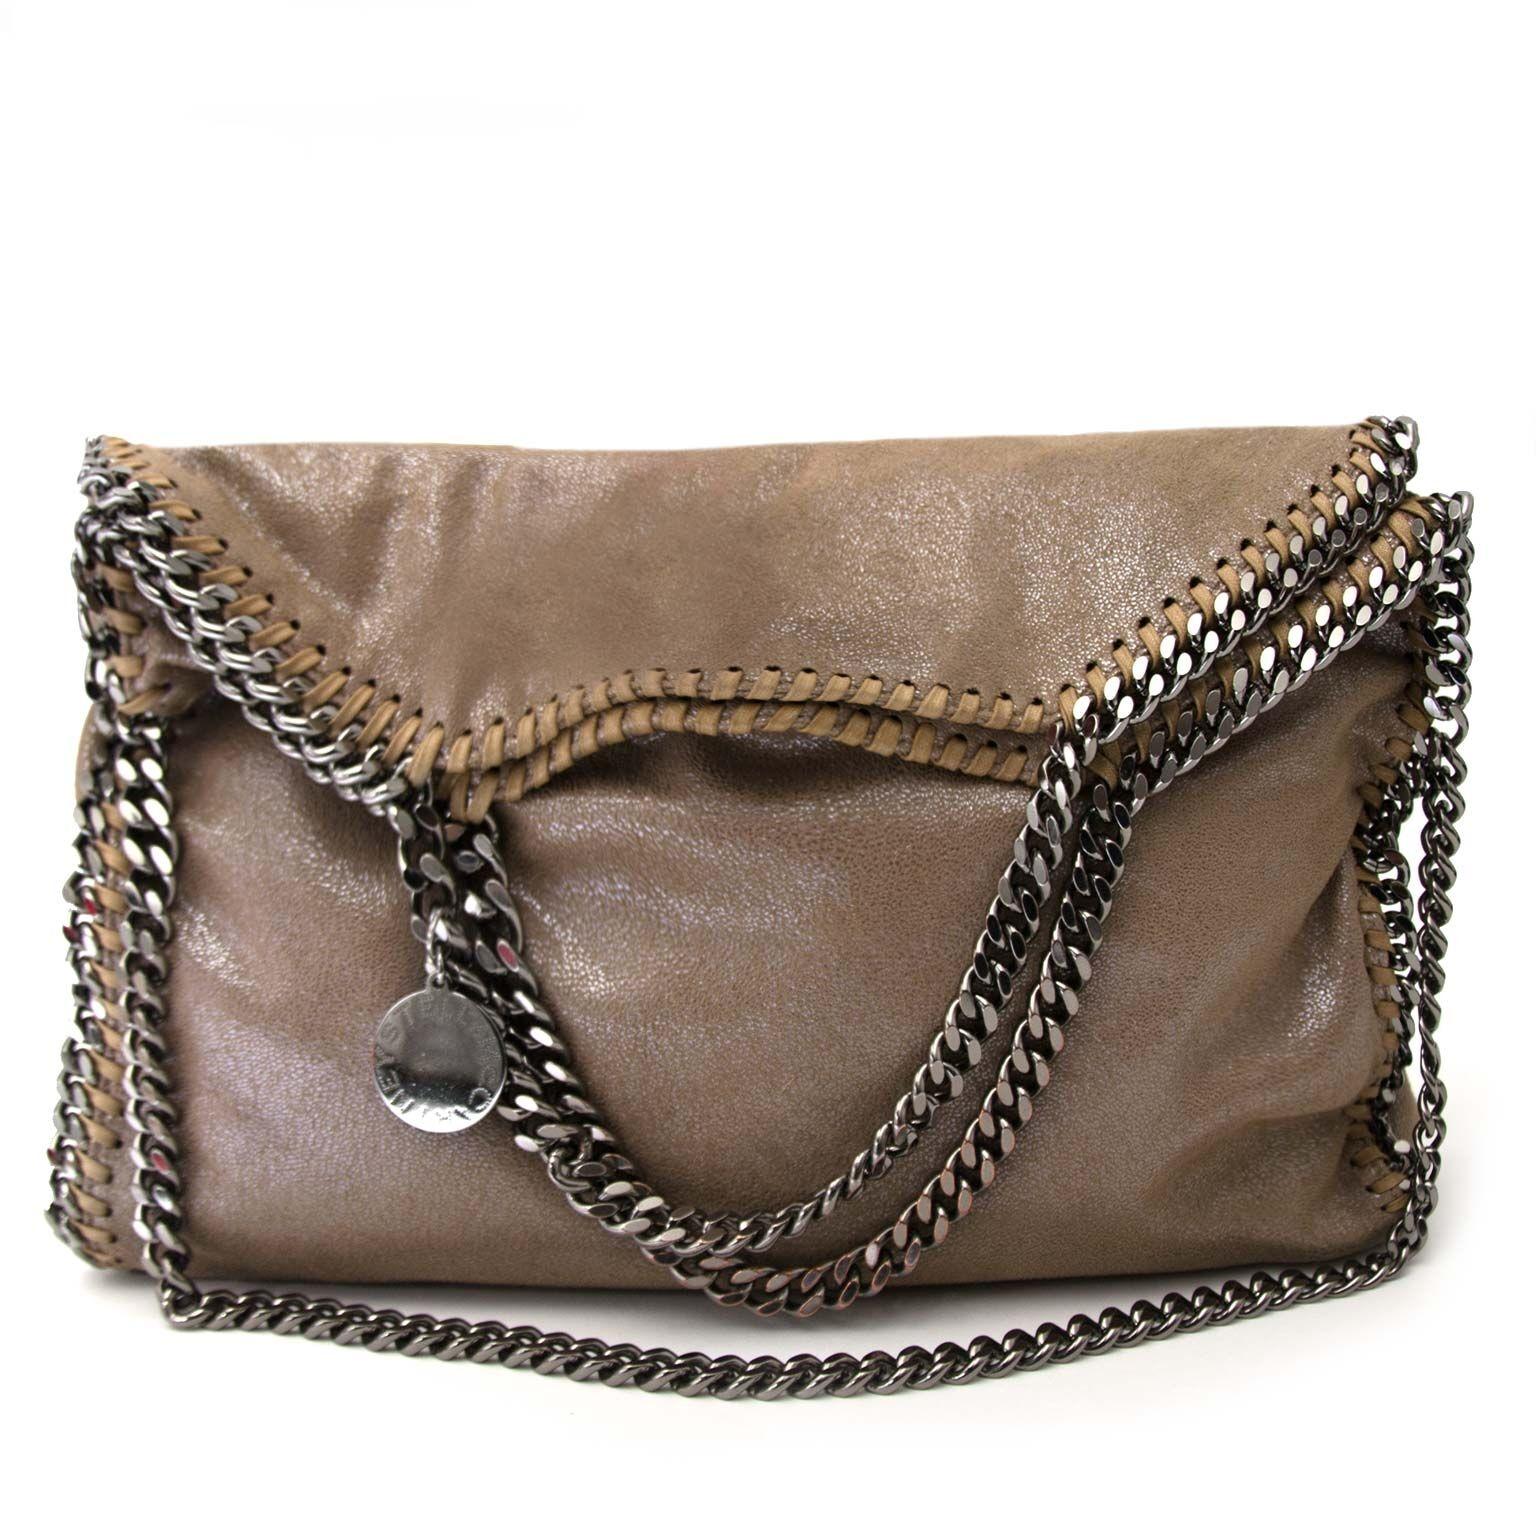 153692d71cfe ... buy Stella McCartney Beige Falabella Fold Over Tote at labellov